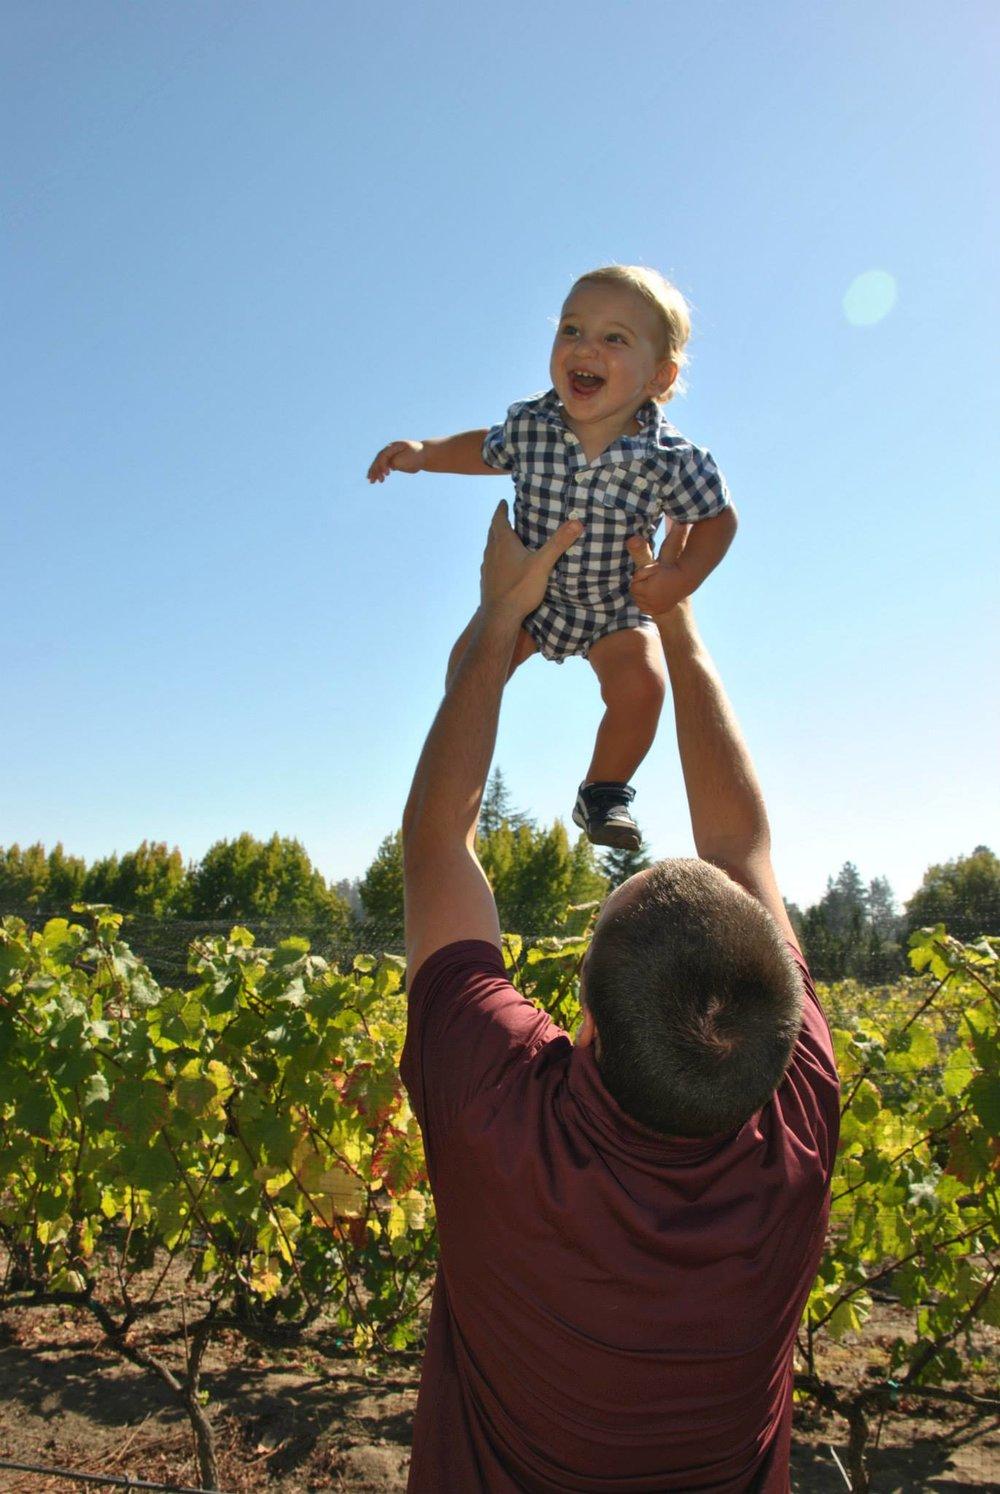 vineyardbaby.jpg